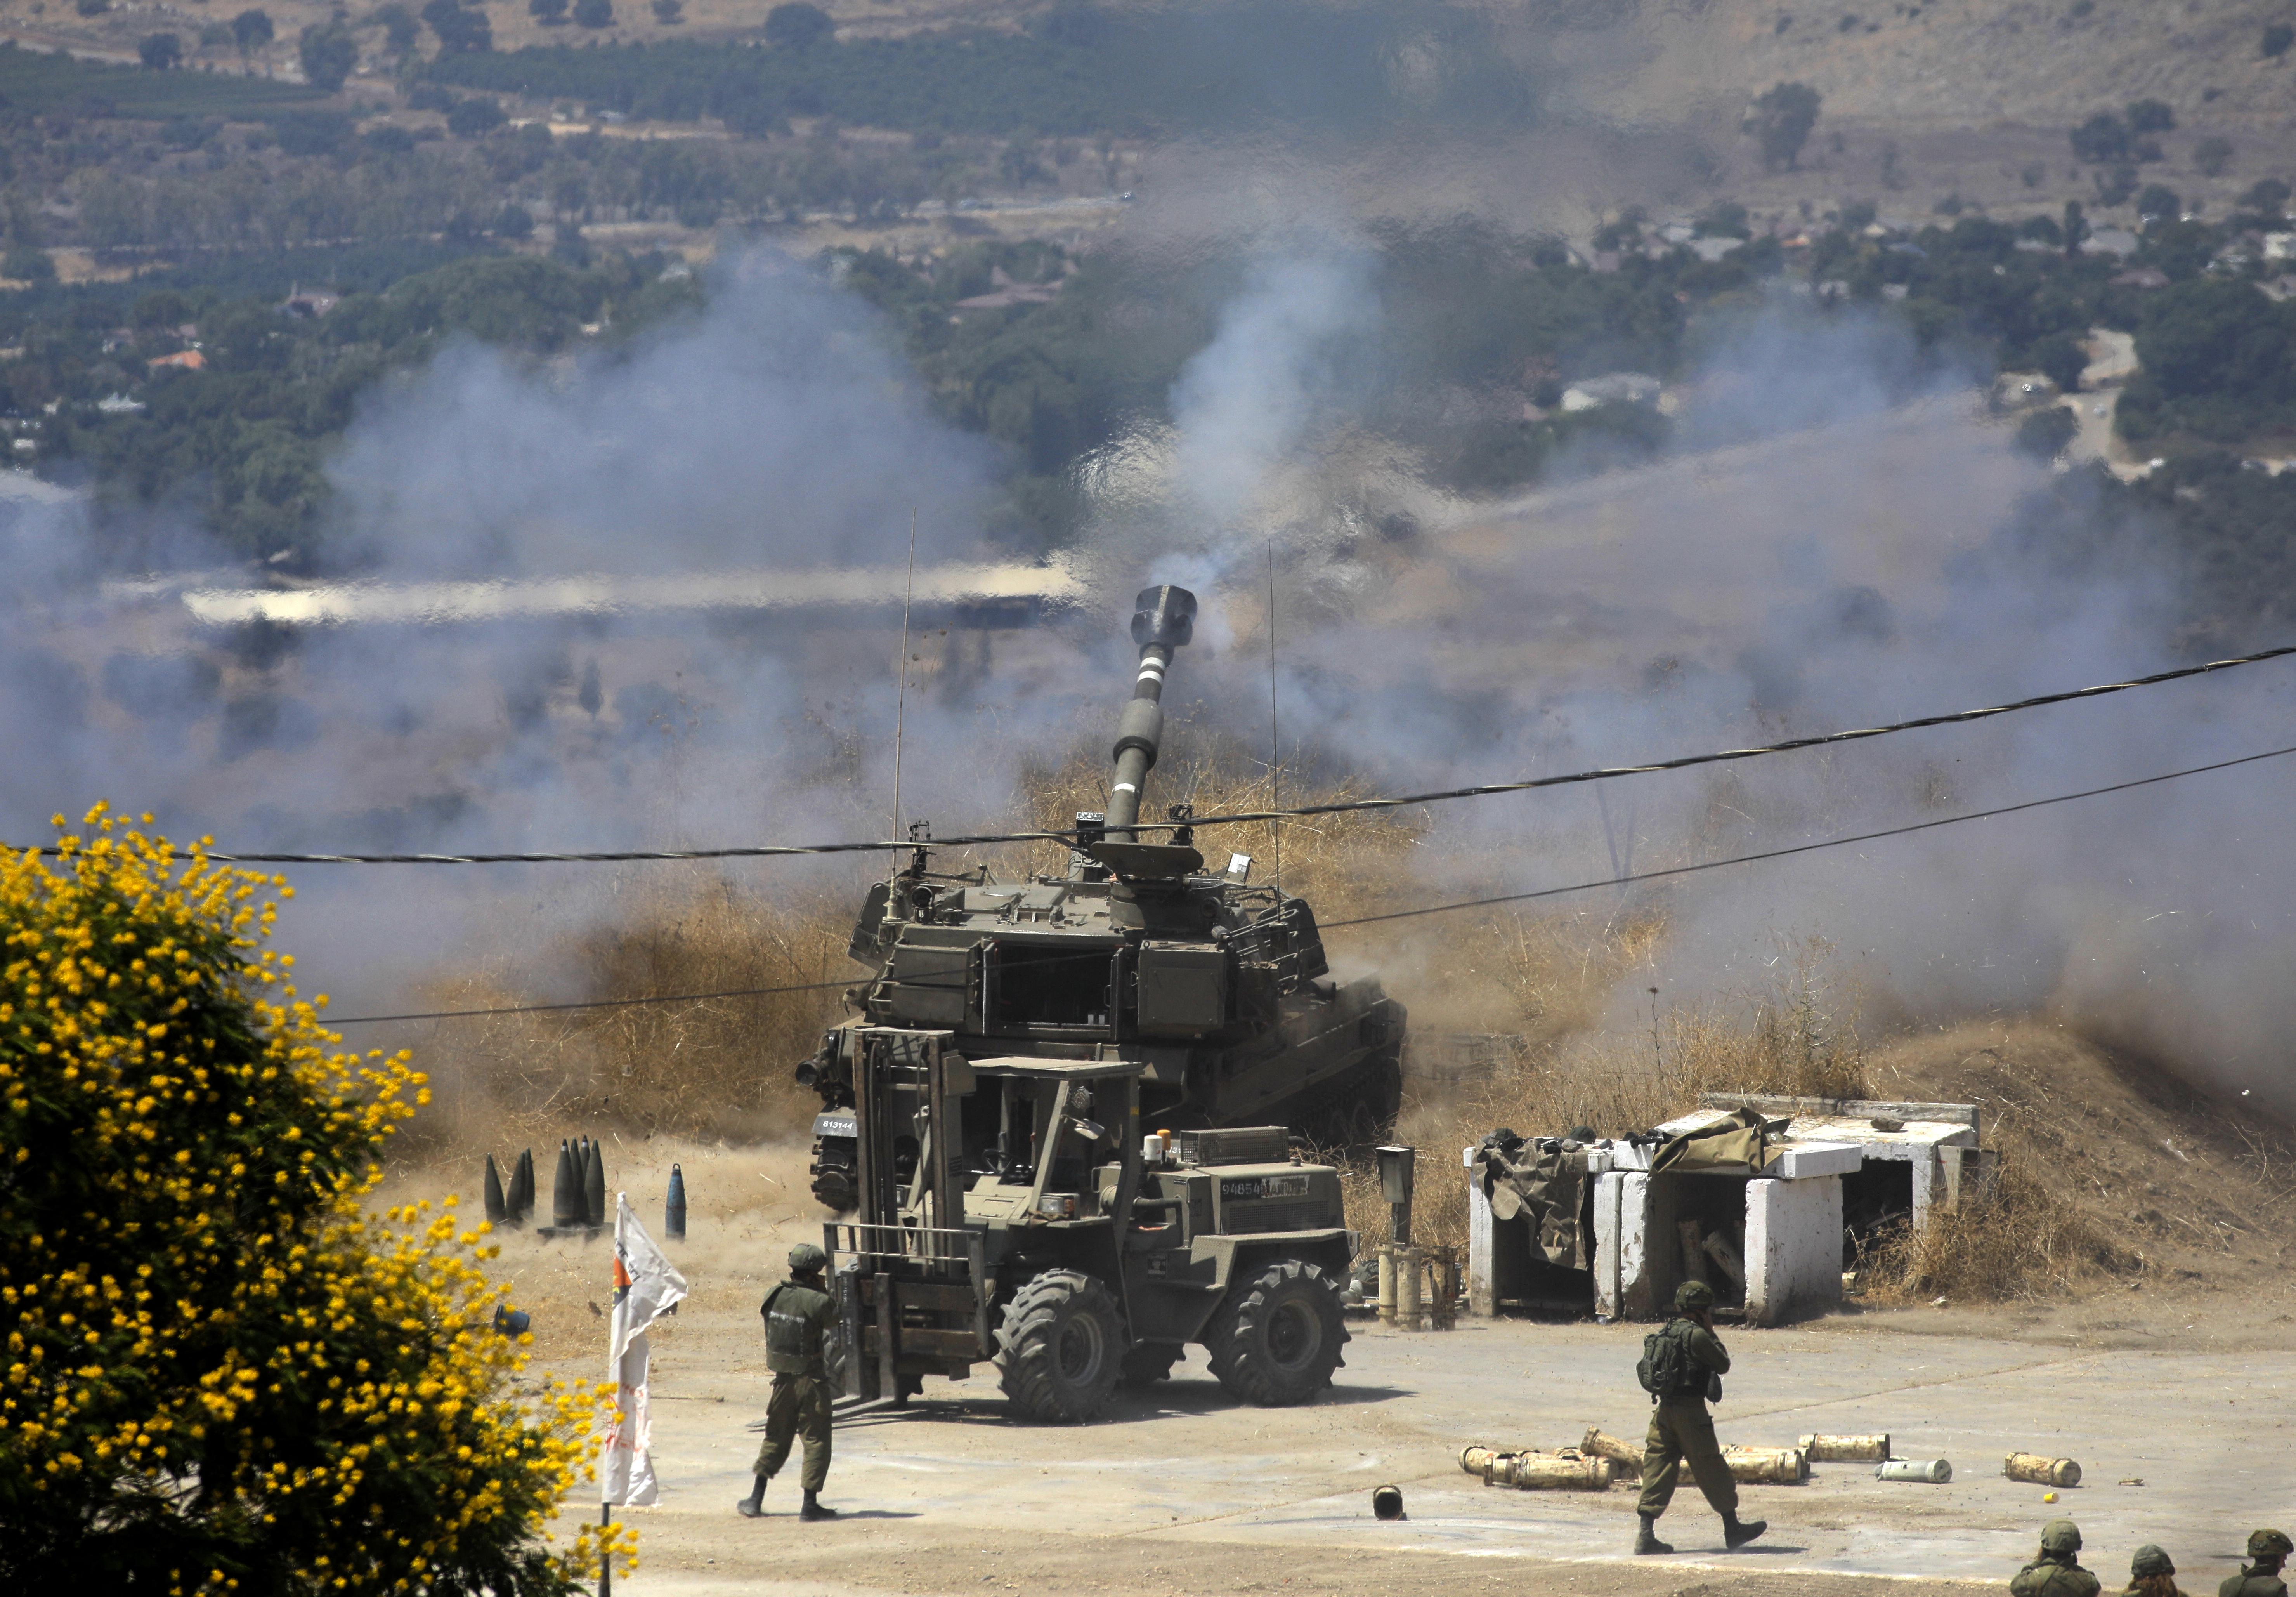 Libanon rakétázni kezdte Izrael területeit, Izrael válaszul csapást mért az indítóállásokra